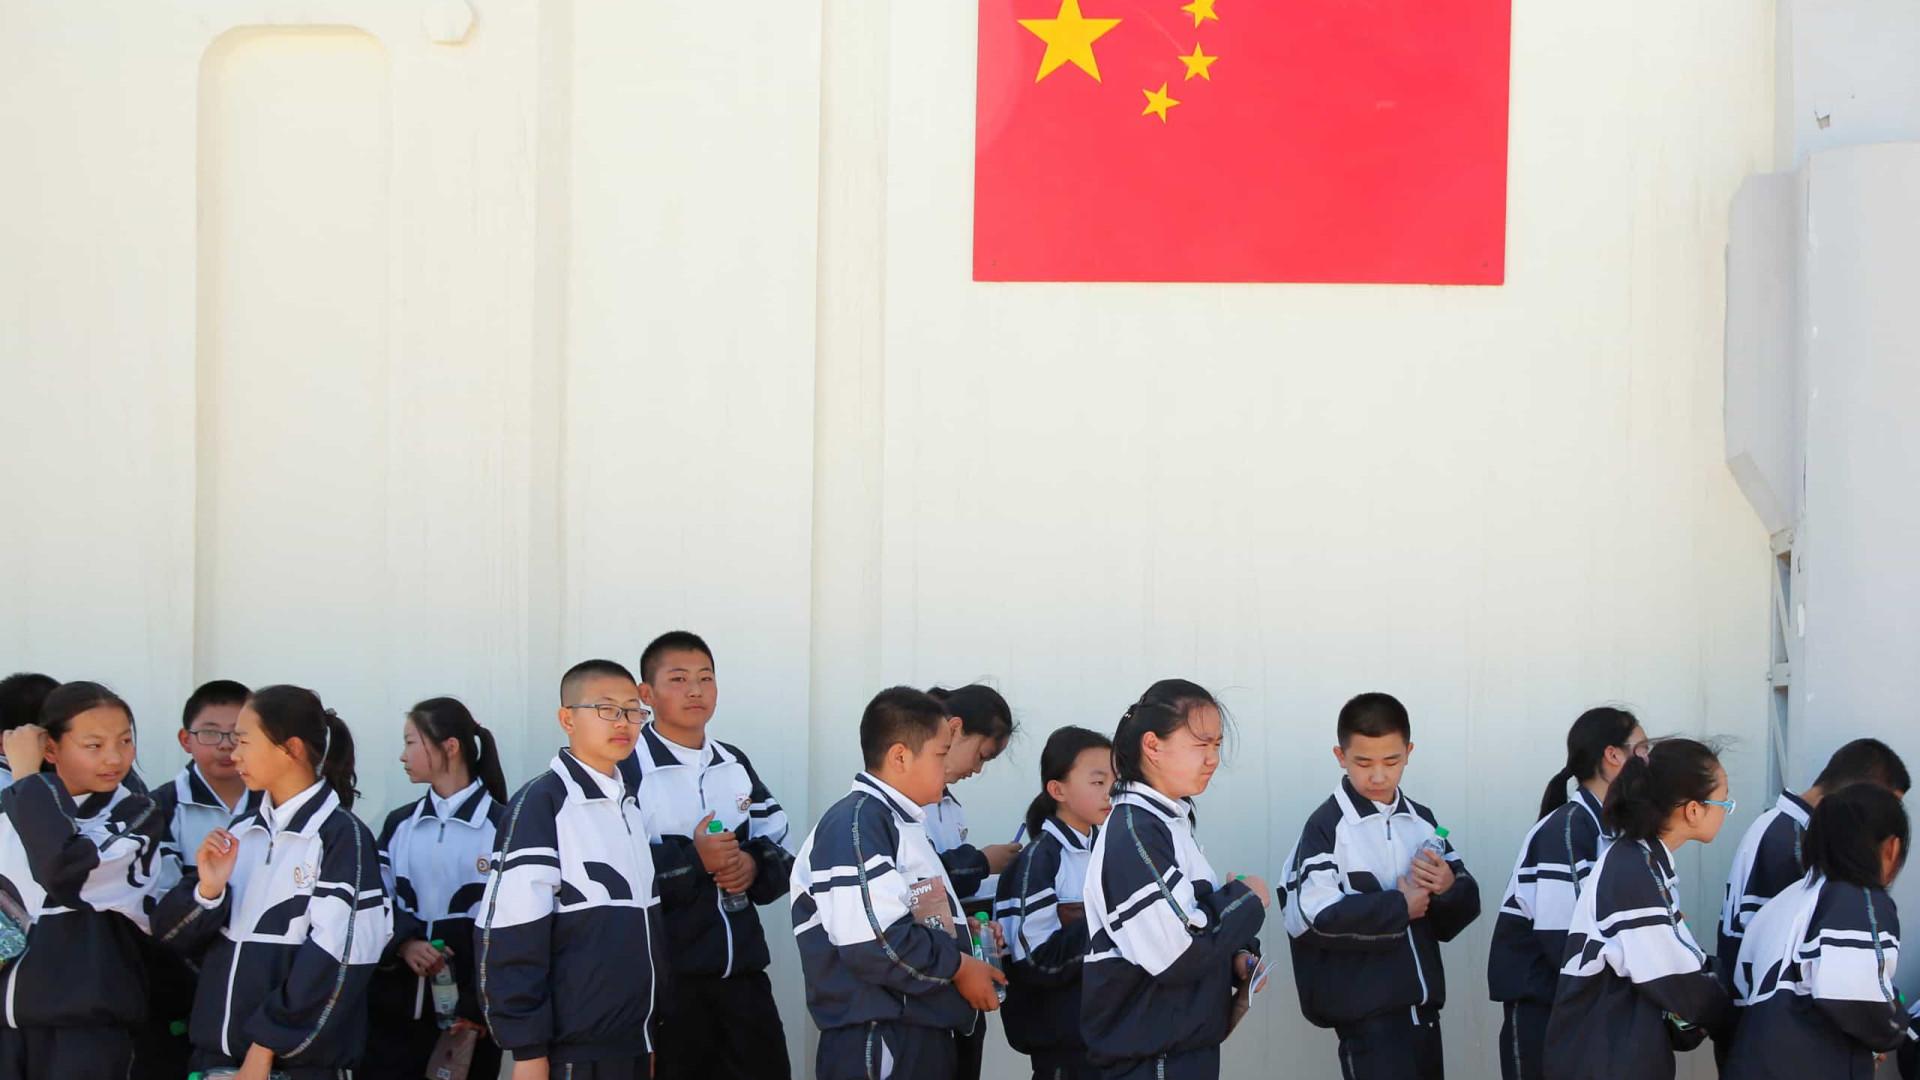 23aeeb4af A China apelou hoje aos estudantes para que